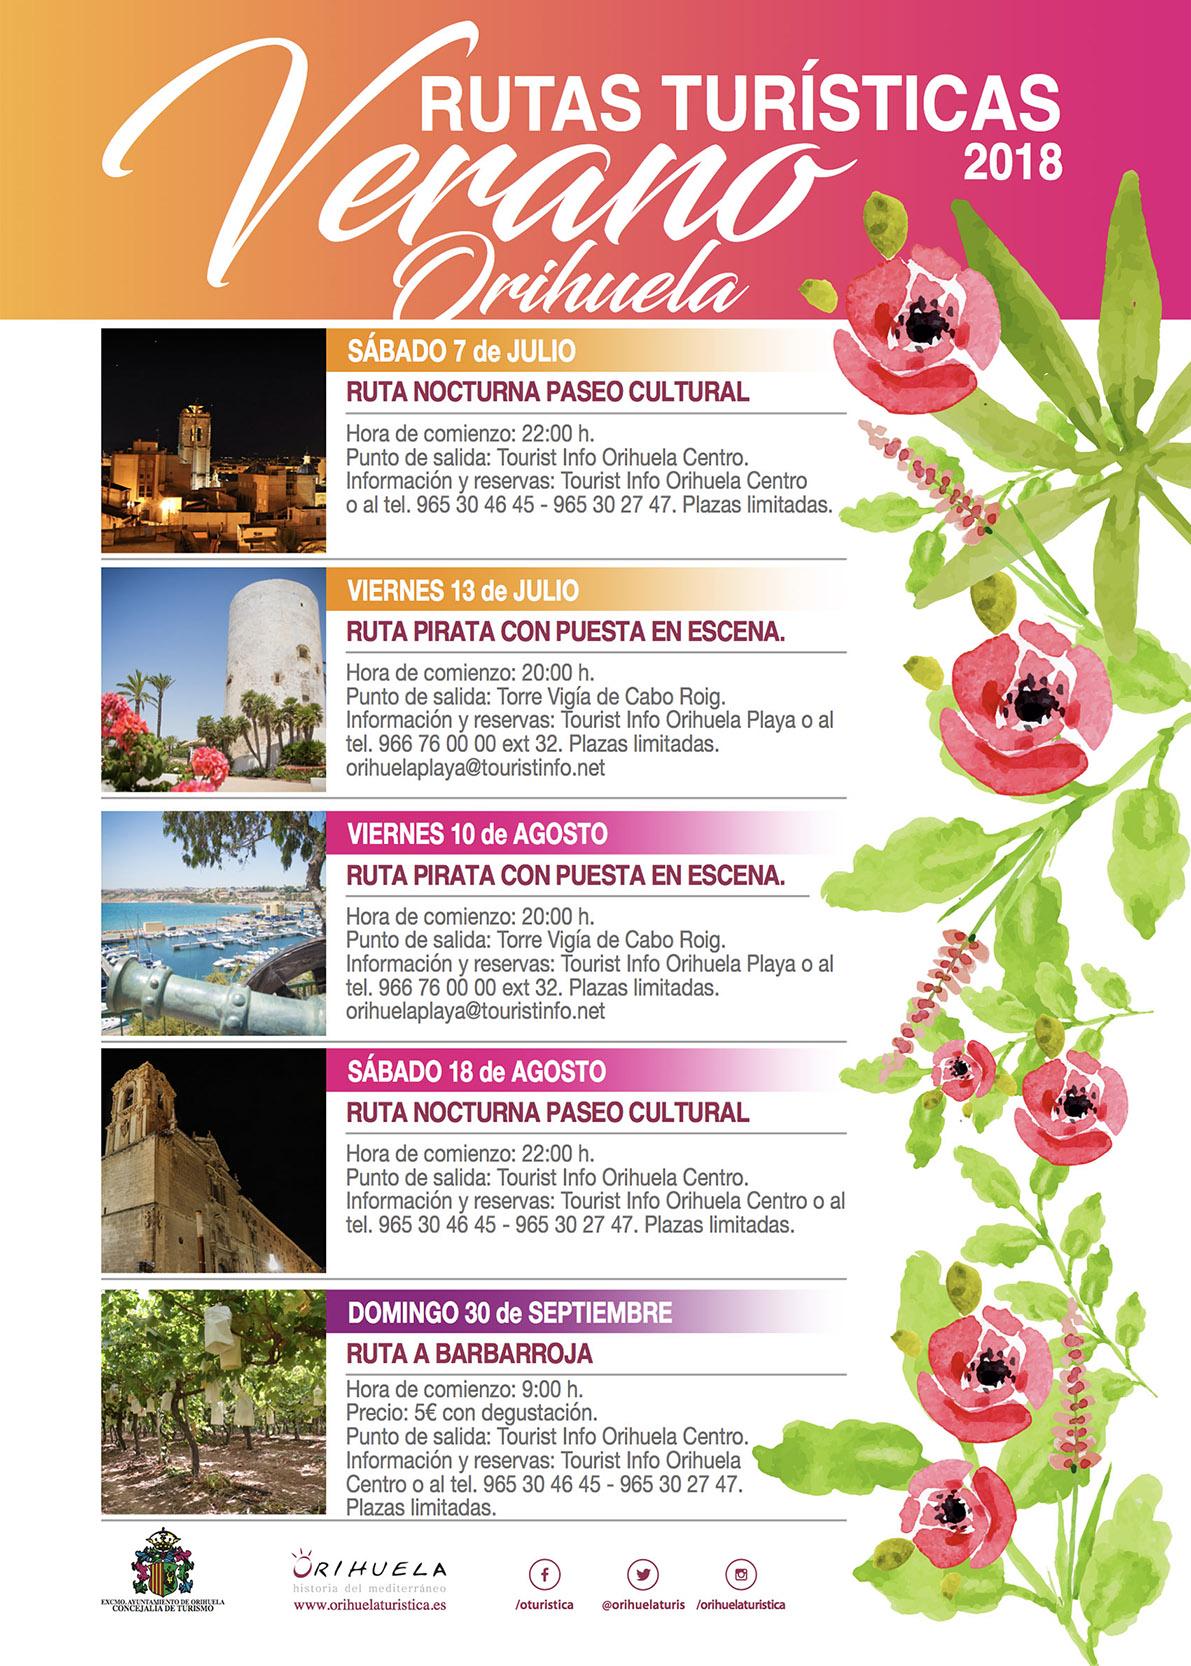 Rutas Turisticas Orihuela Verano 2018